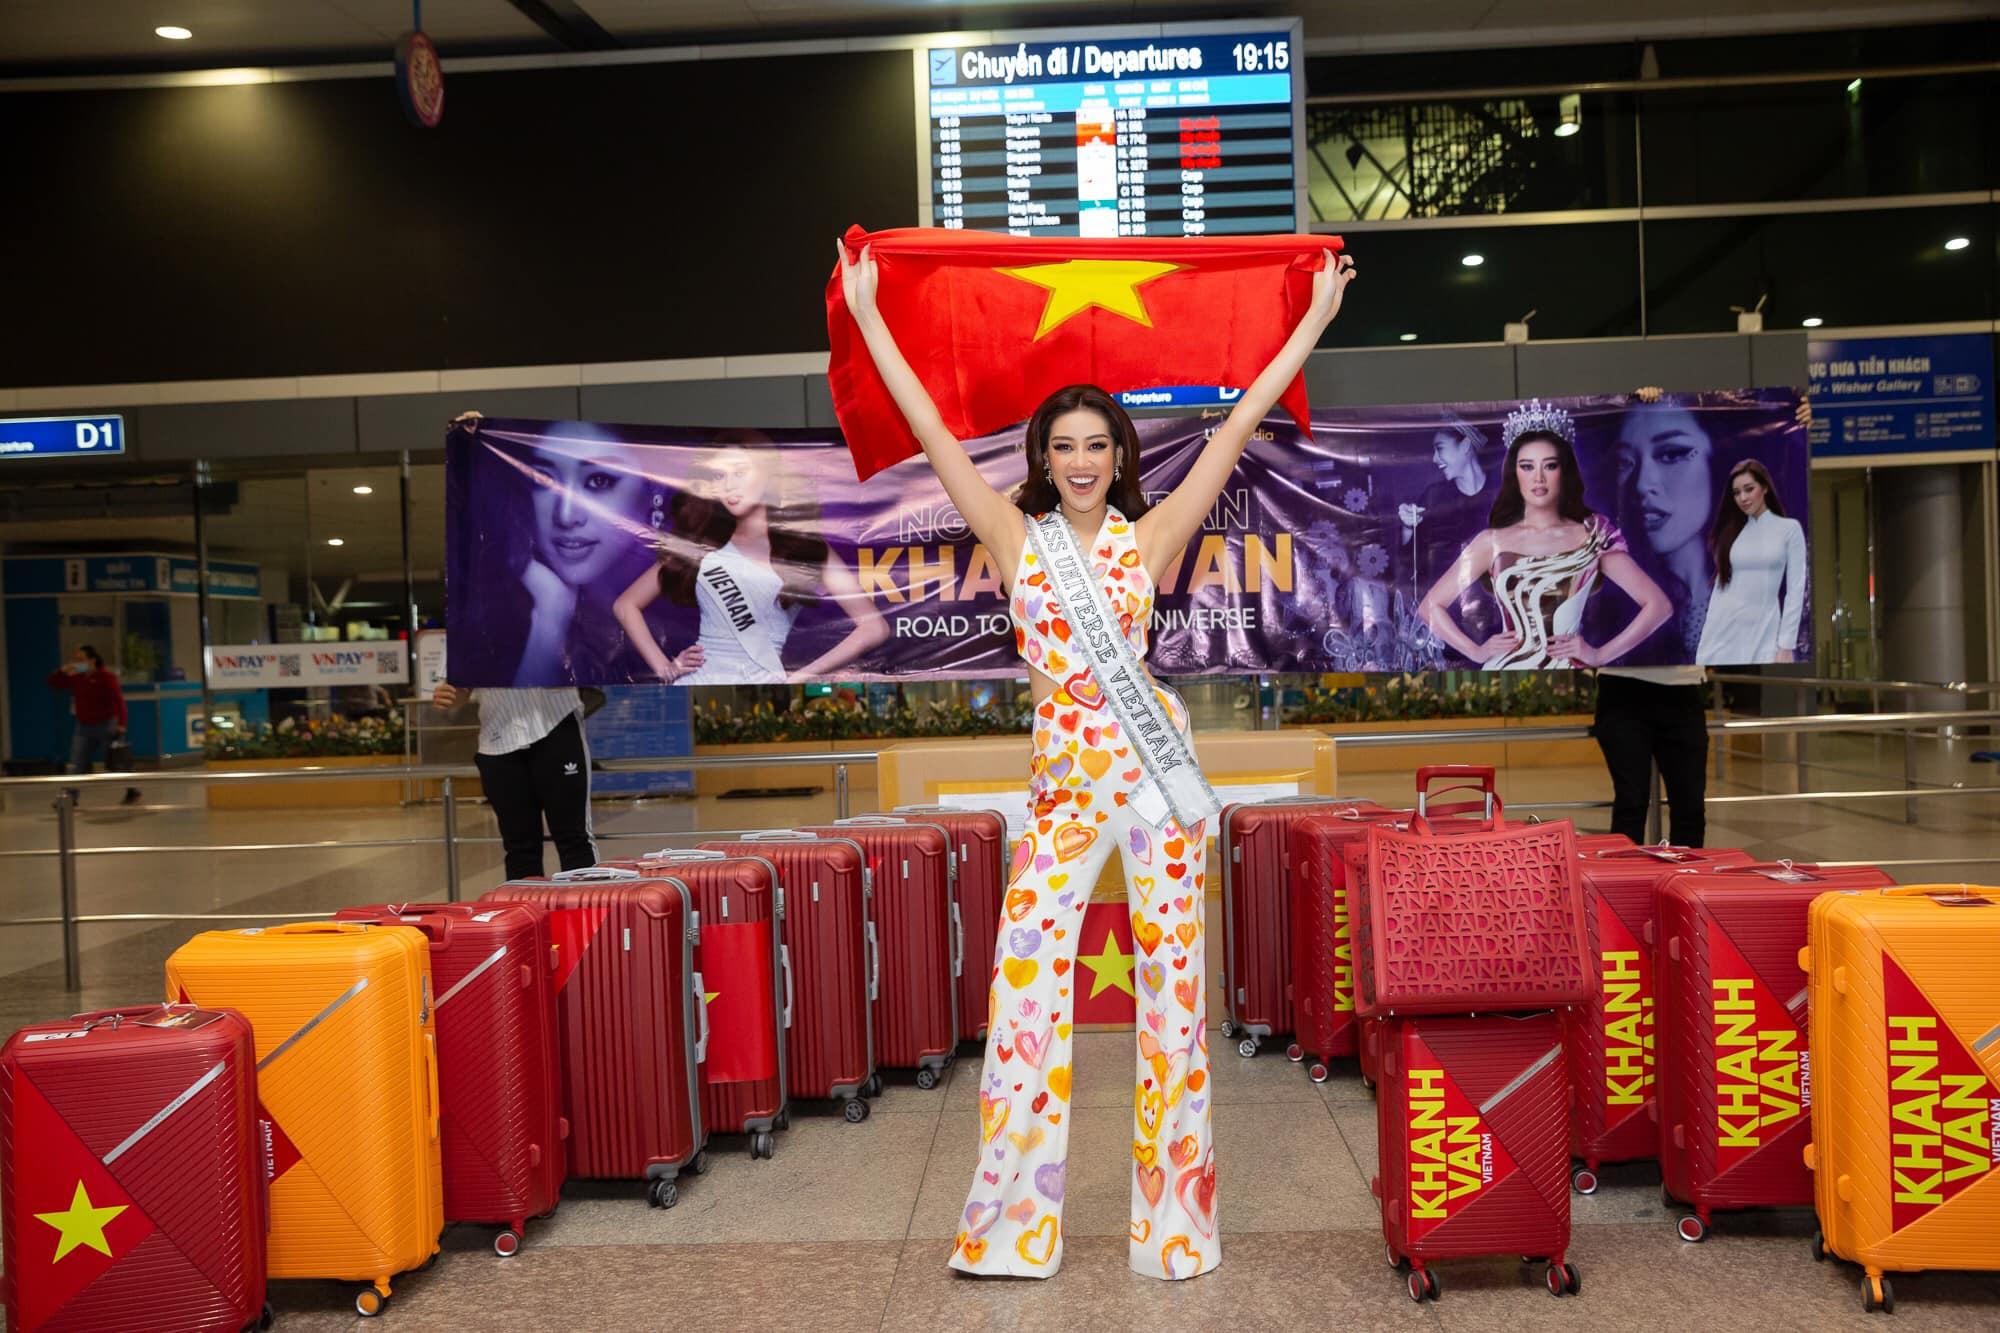 Hoa hậu Khánh Vân lên đồ cao tay trên đường tới Miss Universe, bộ nào cũng khiến dân tình nức nở tự hào - Ảnh 1.